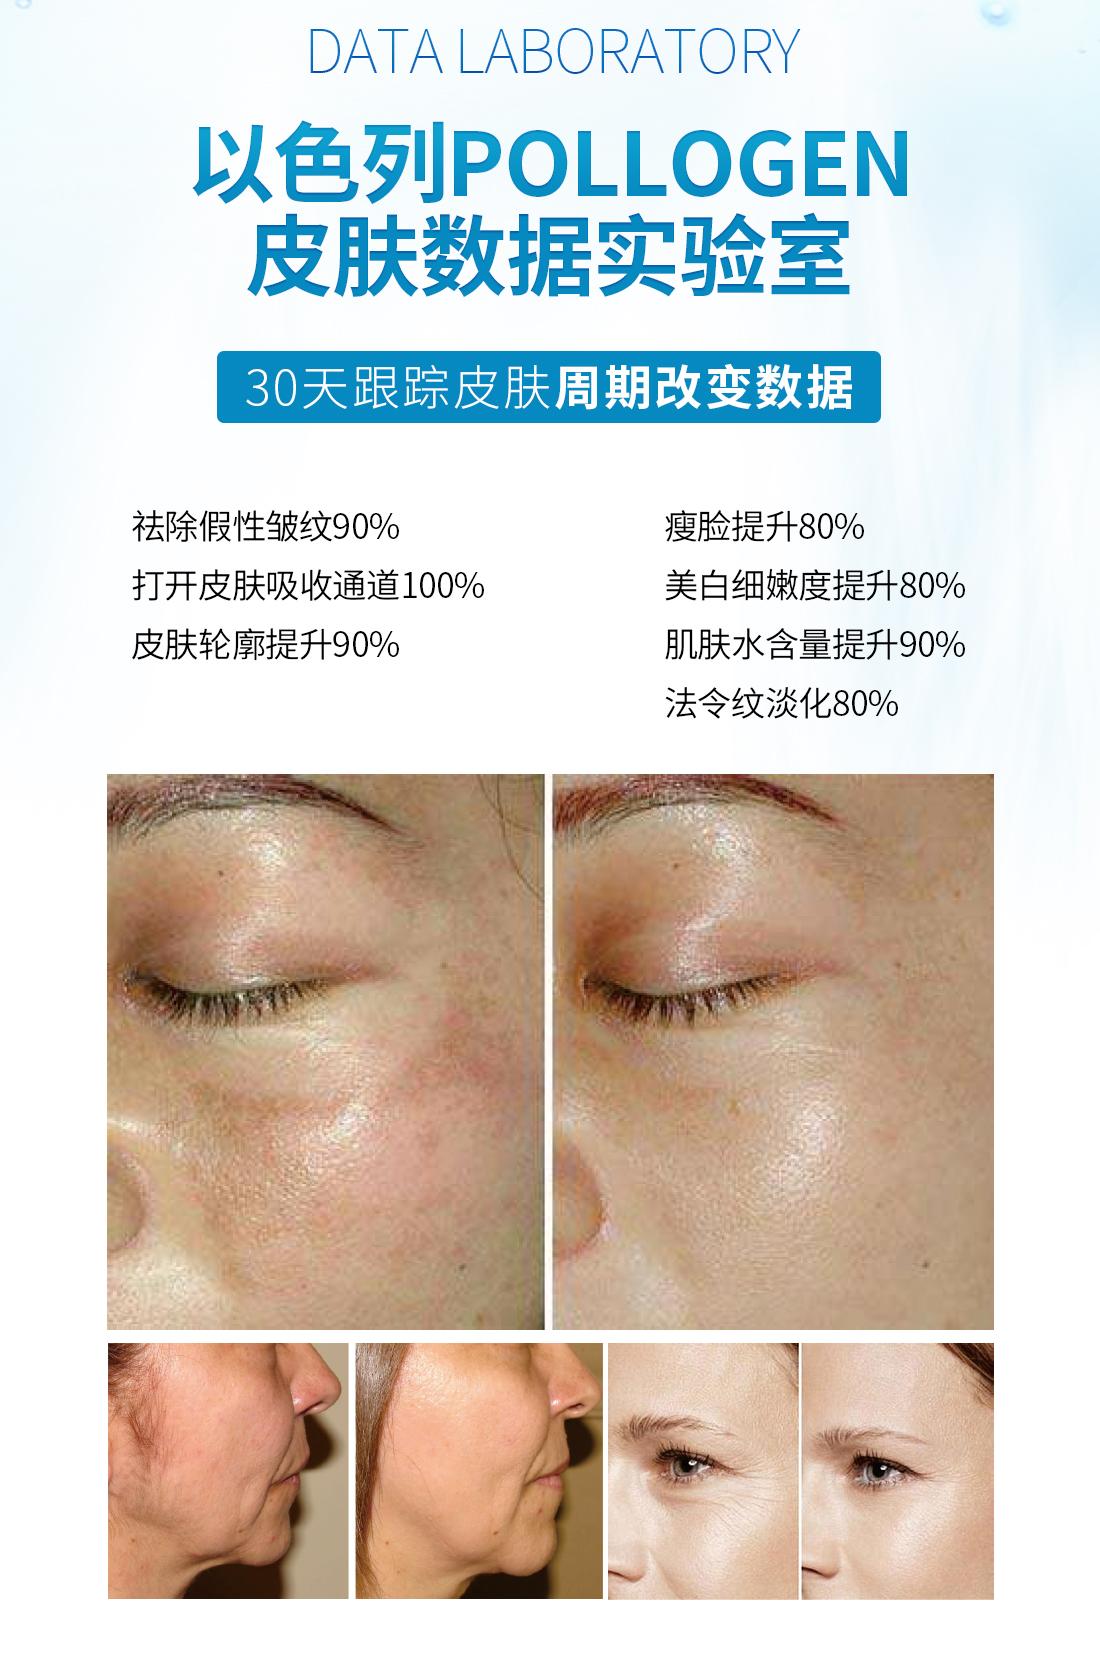 觅韵肤网维波丝力素以色列POLLOGEN皮肤数据实验室,30天跟踪皮肤周期改变数据